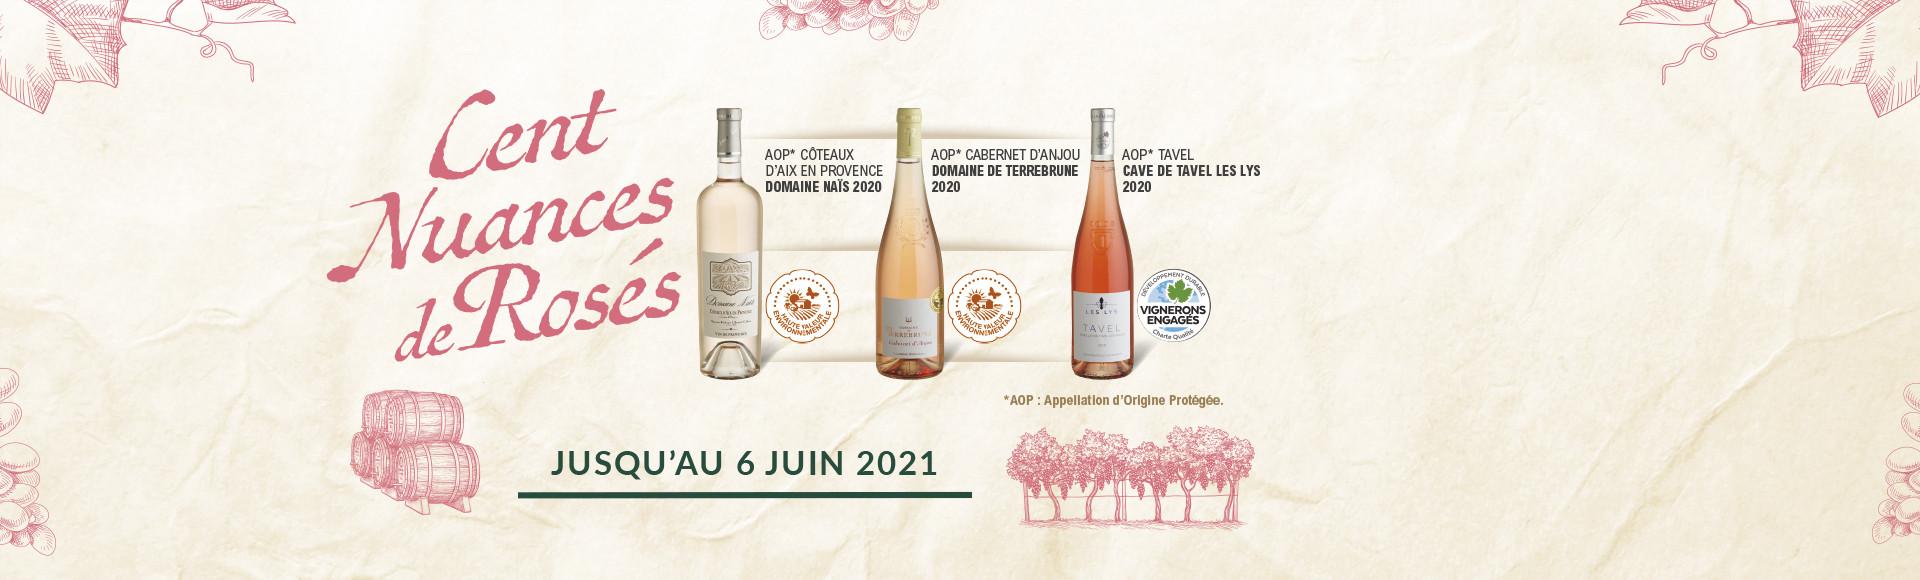 Collection Vins Rosés